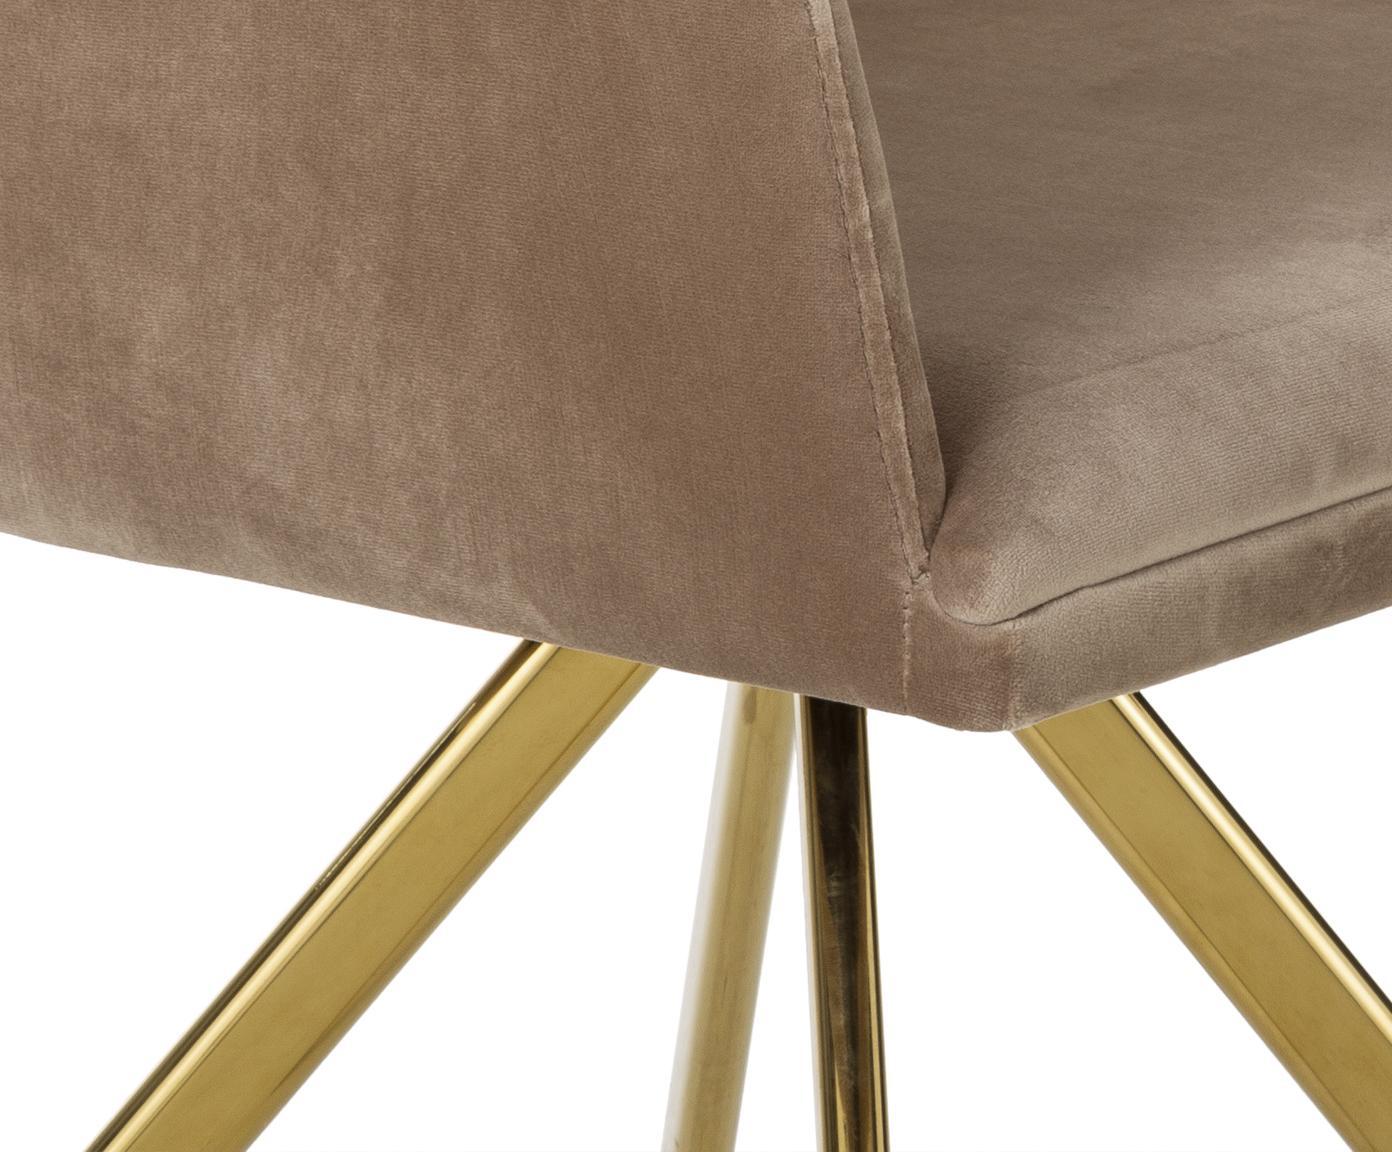 Fluwelen draaistoel Lola met armleuning, Bekleding: fluweel (100% polyester), Poten: gegalvaniseerd metaal, Fluweel lichtbruin, poten goudkleurig, B 55 x D 52 cm